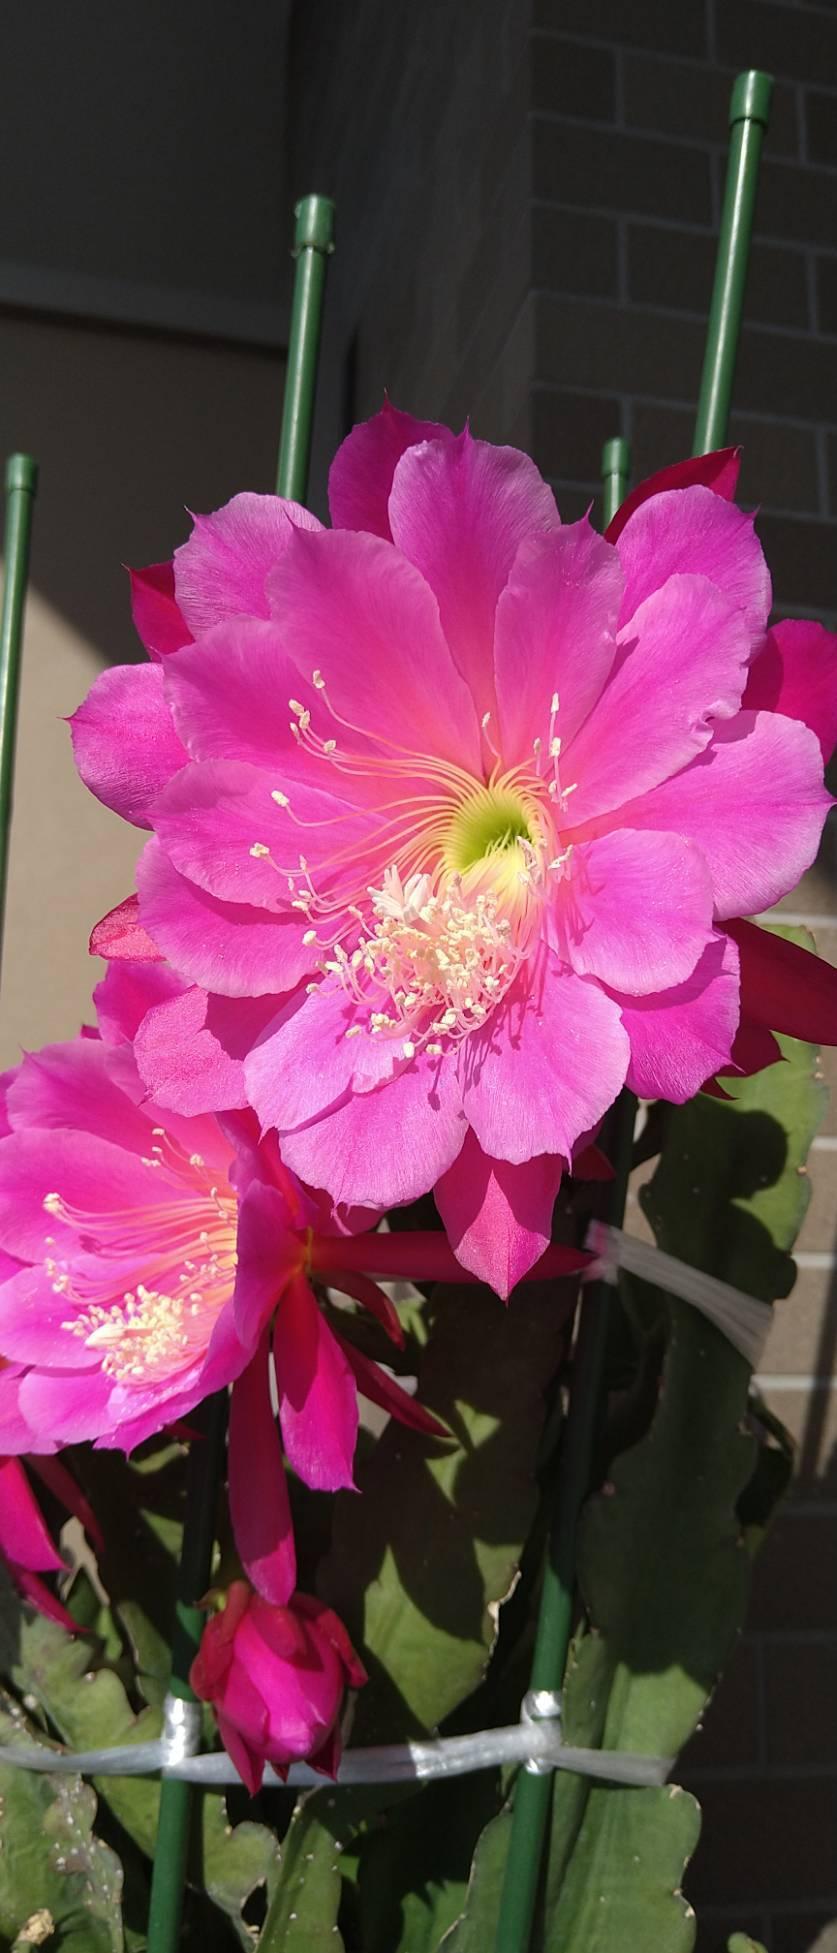 今年もキレイに咲いてくれました_b0148044_18131263.jpeg